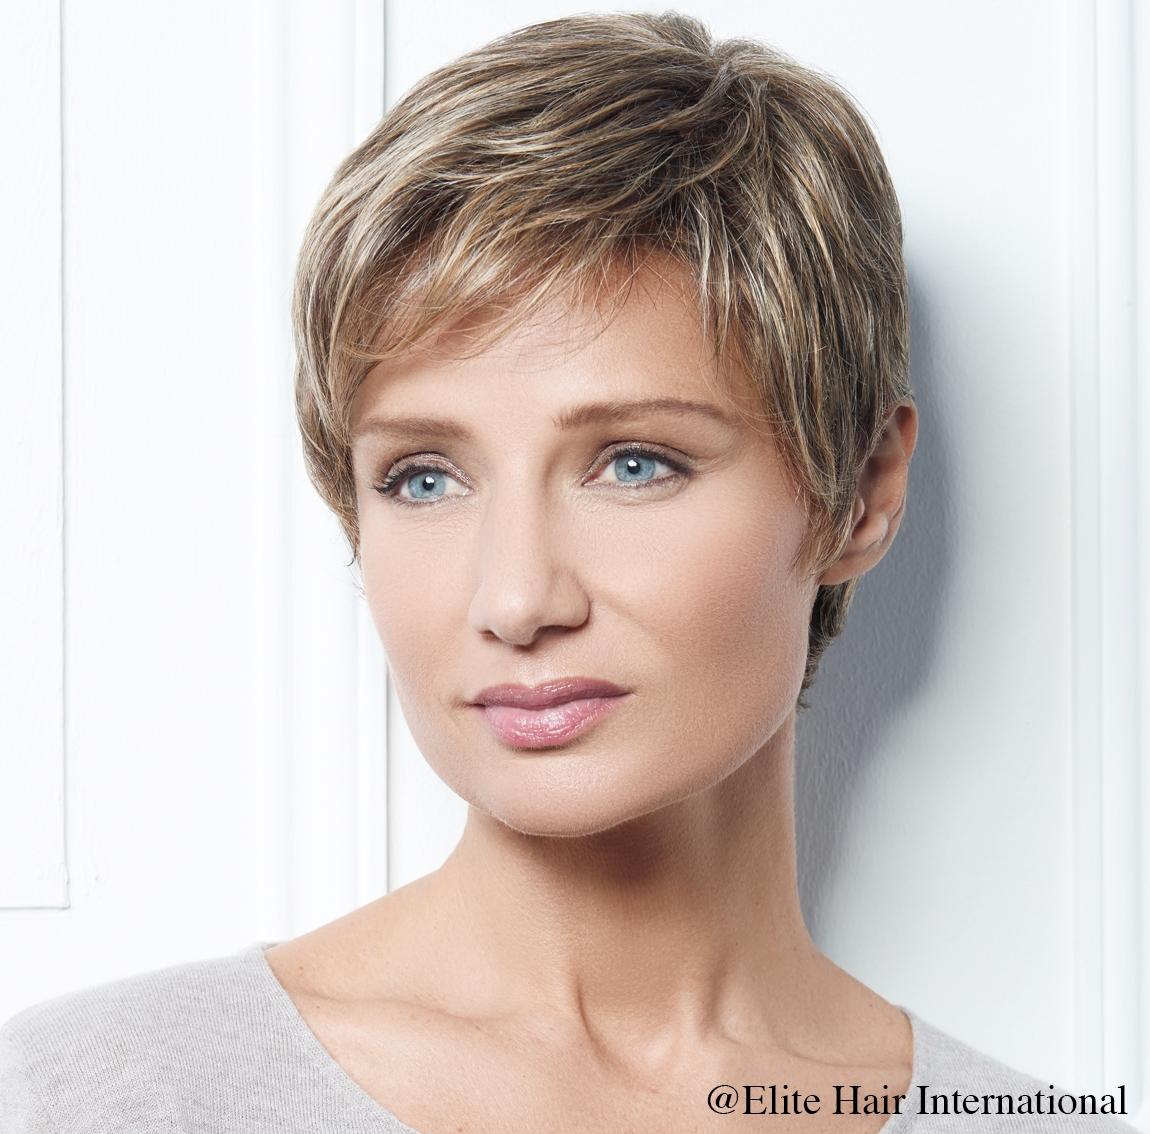 Portrait d'une femme portant la perruque Intense R ** en blond, cheveux de synthèse d'Elite Hair International